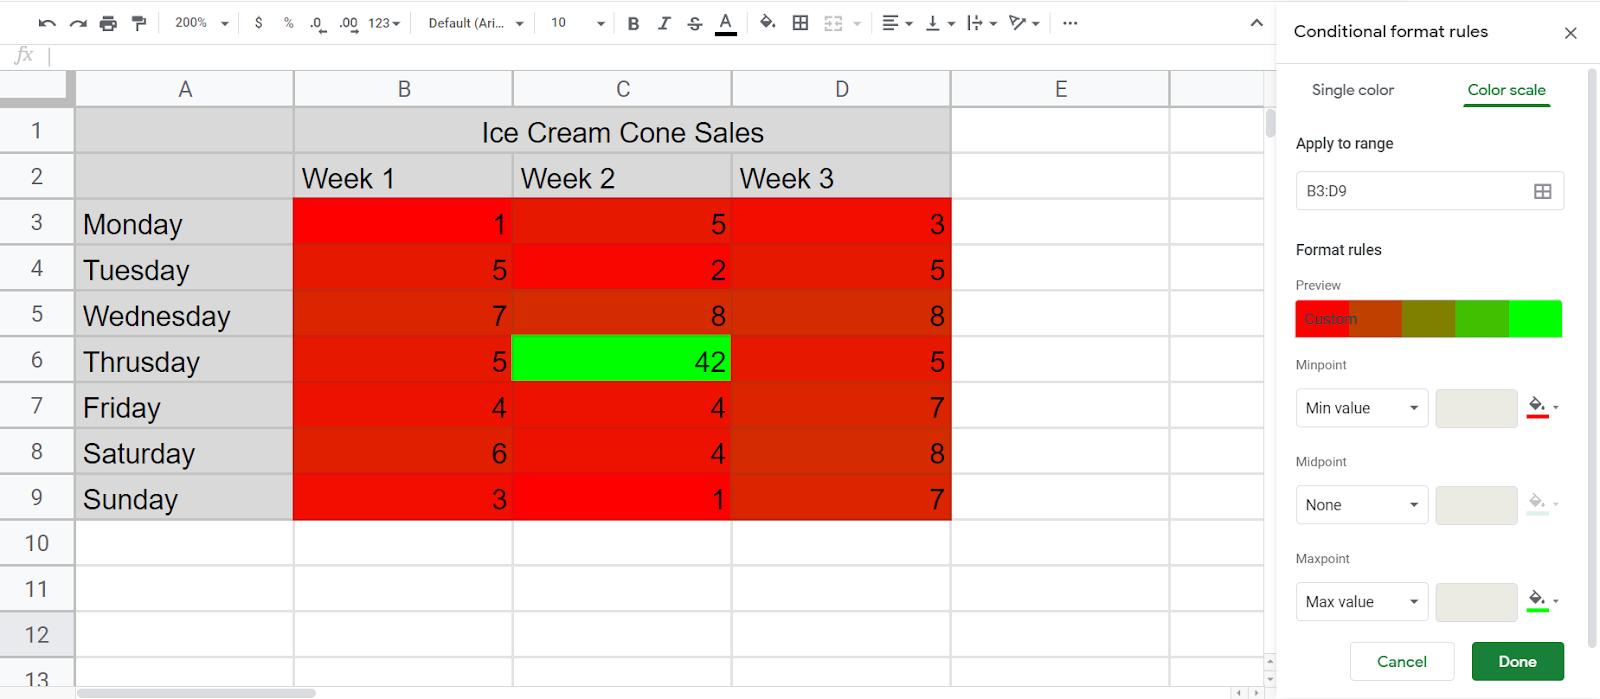 Multi color Heatmap of Ice cream sales